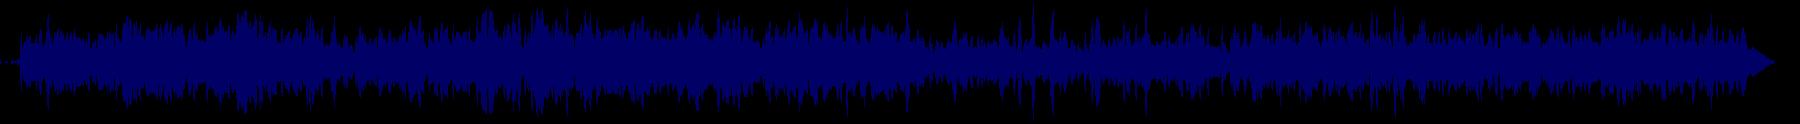 waveform of track #70004